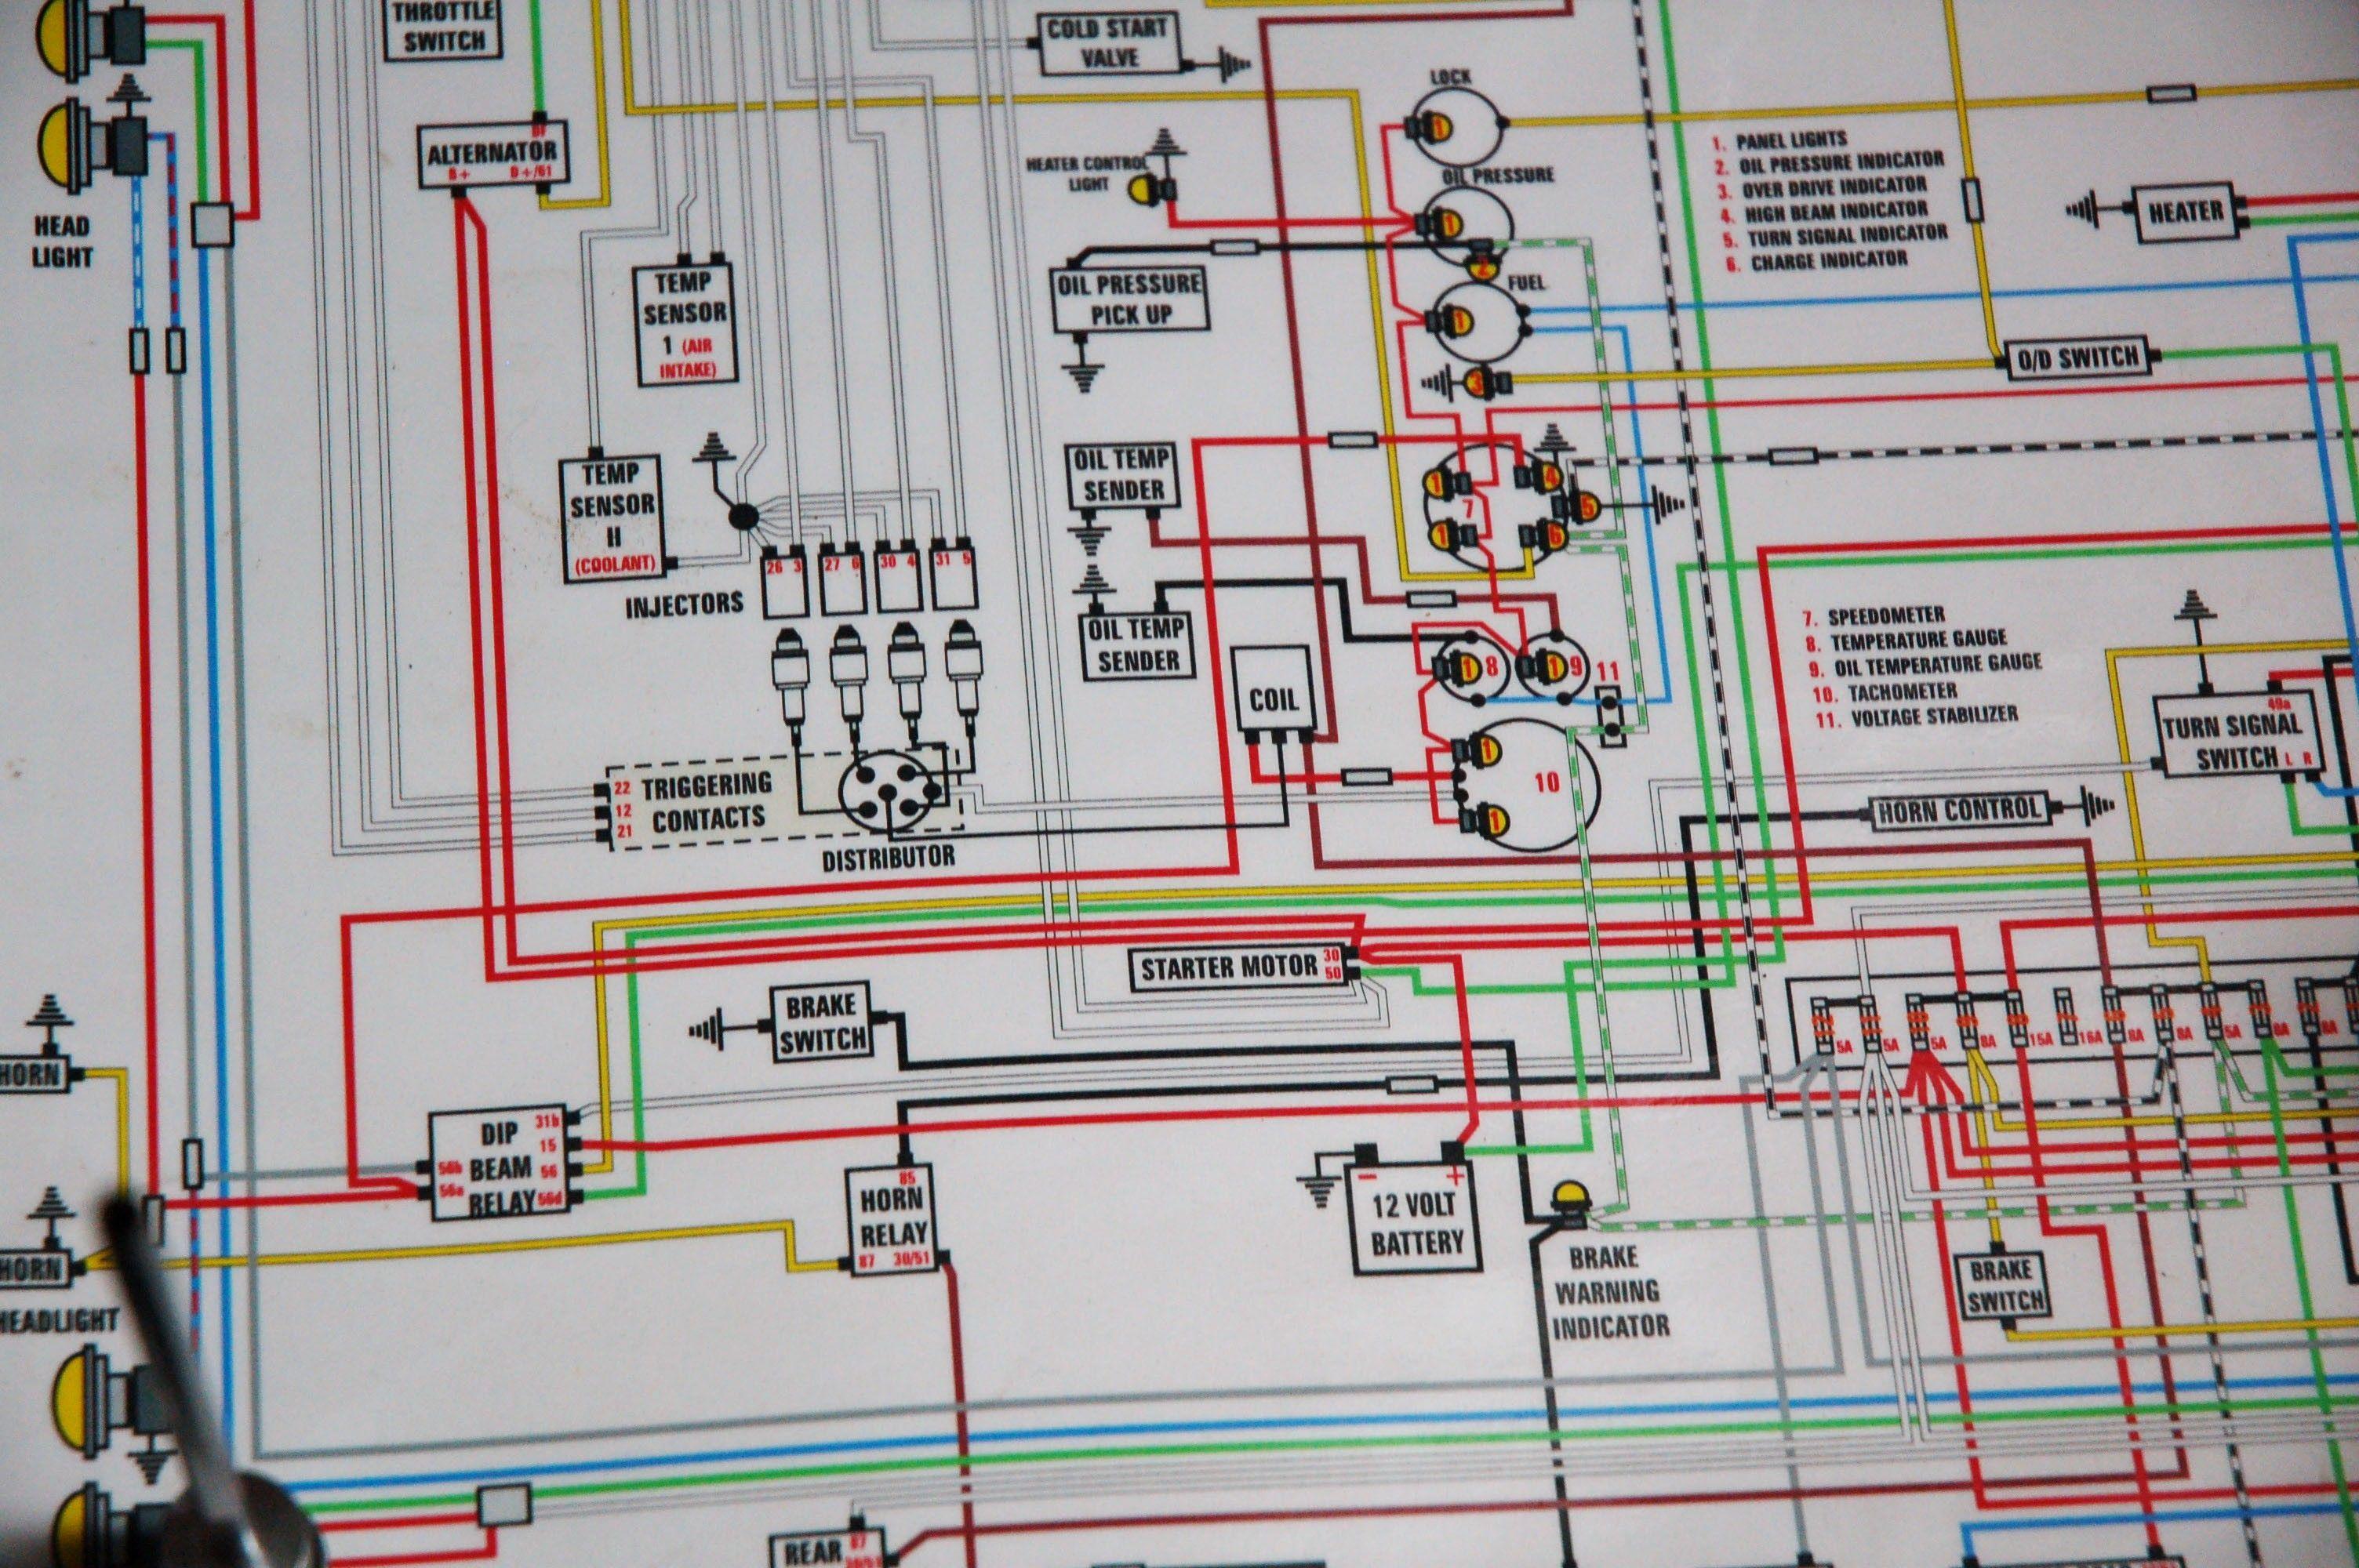 diagramsample diagramformats diagramtemplate Diagram